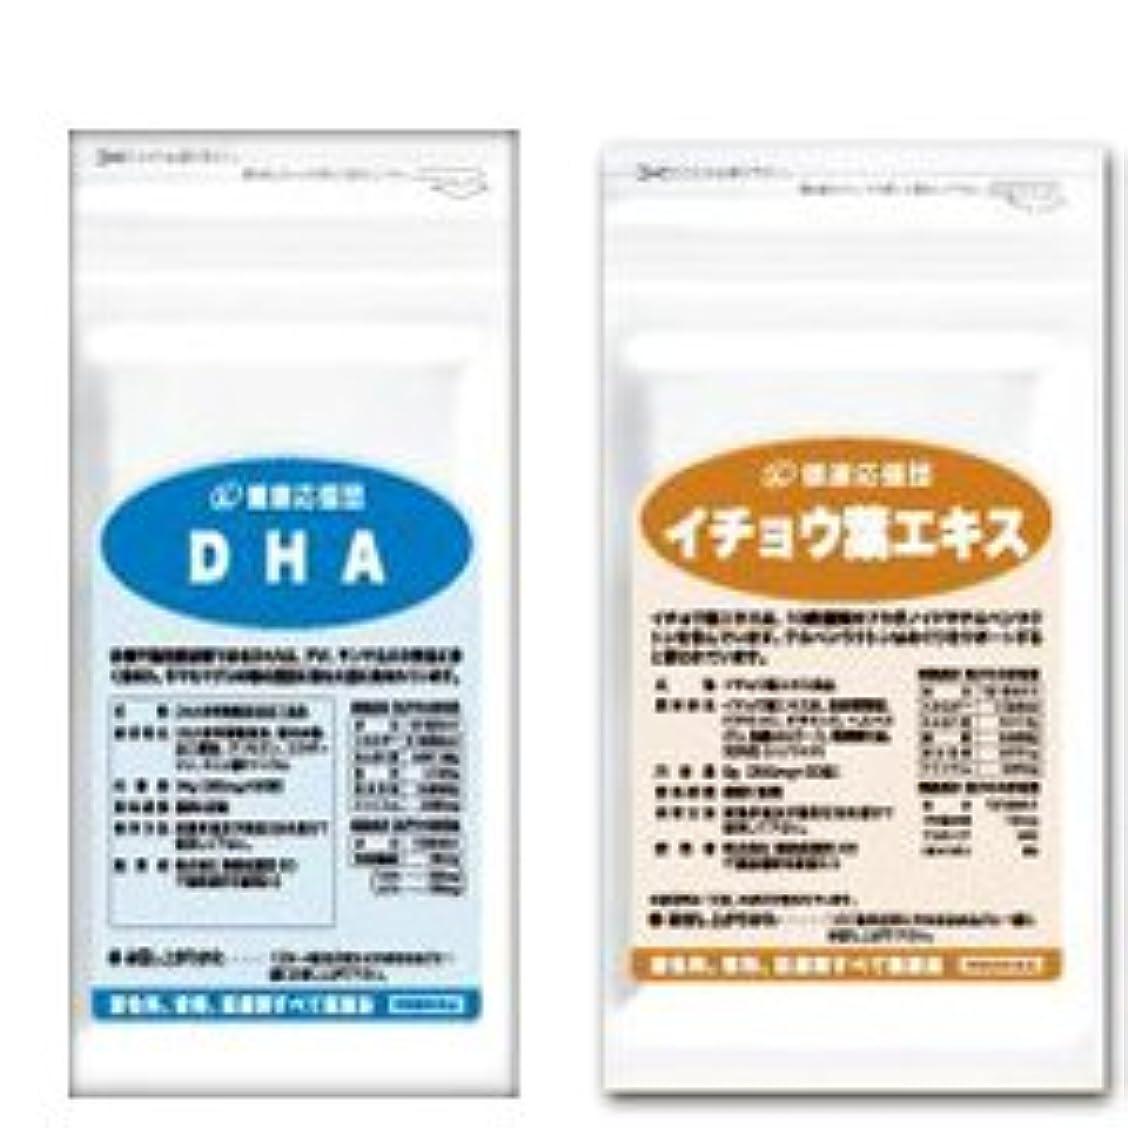 バース結婚するプレビュー(お徳用3か月分)サラサラ巡りセット DHA + イチョウ葉エキス 3袋&3袋セット(DHA?EPA?イチョウ葉?ビタミンC?ビタミンE?ビタミンP配合)